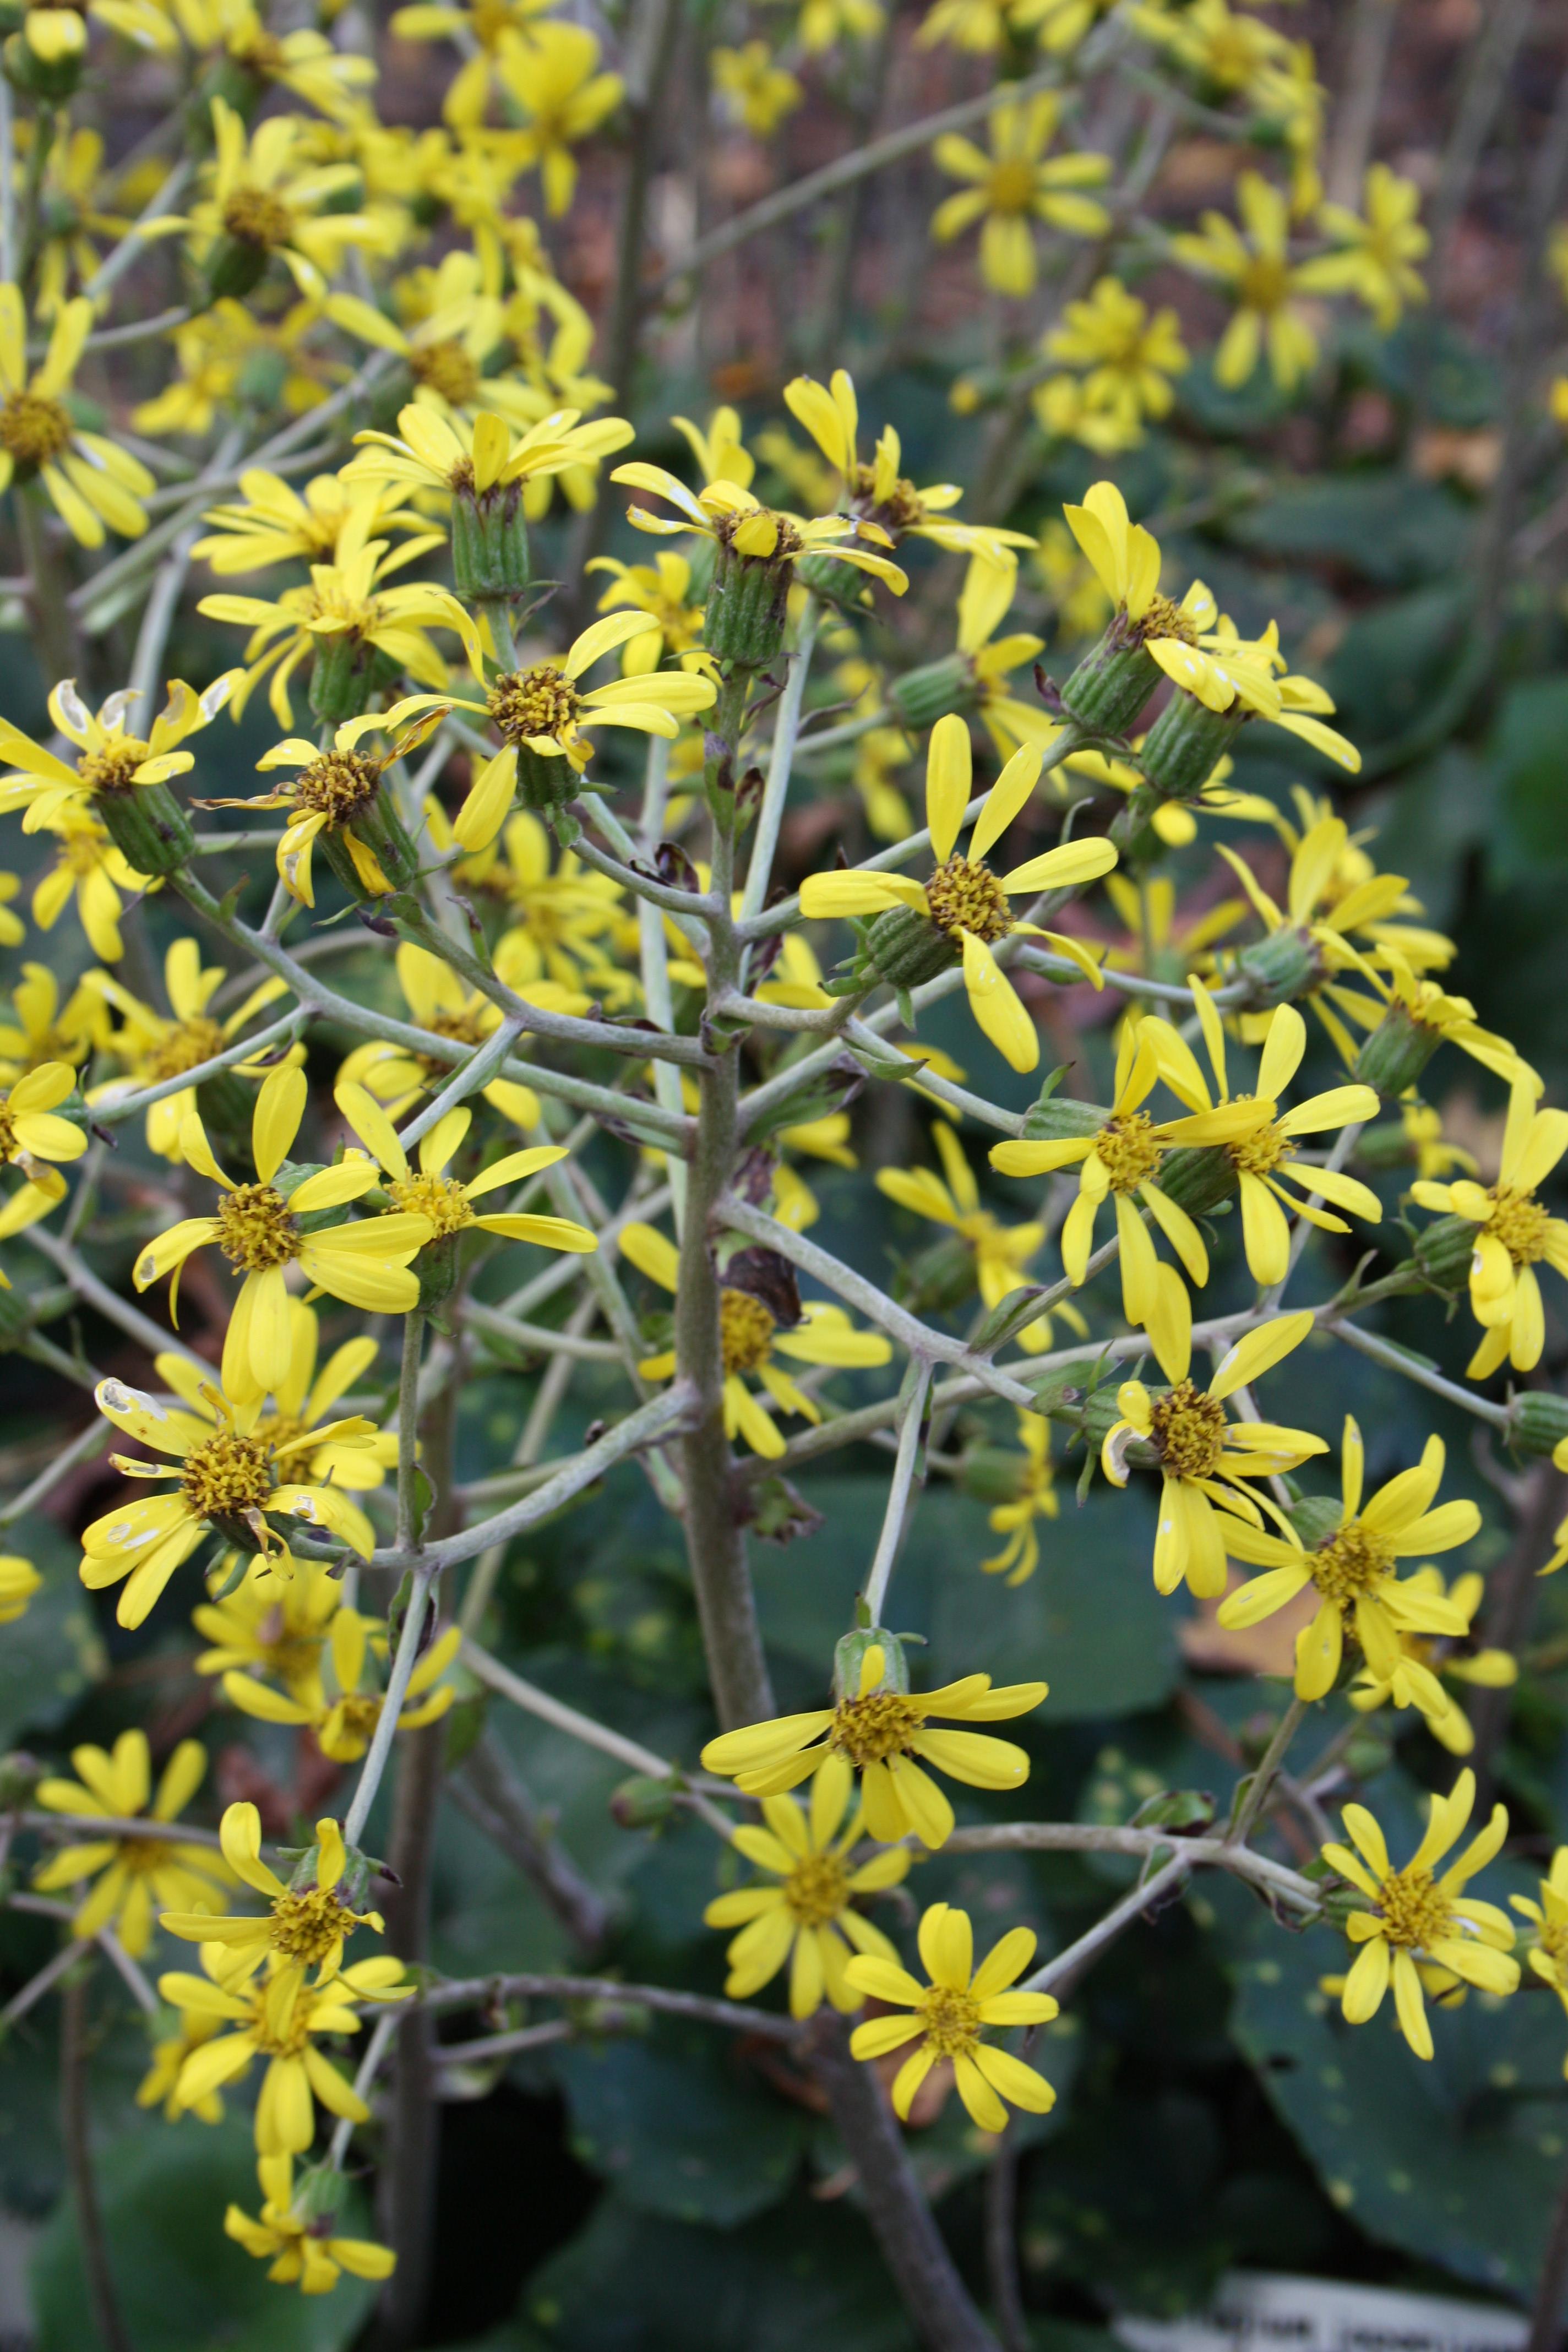 Farfugium japonicum 'Auremaculatum' @ JLBG